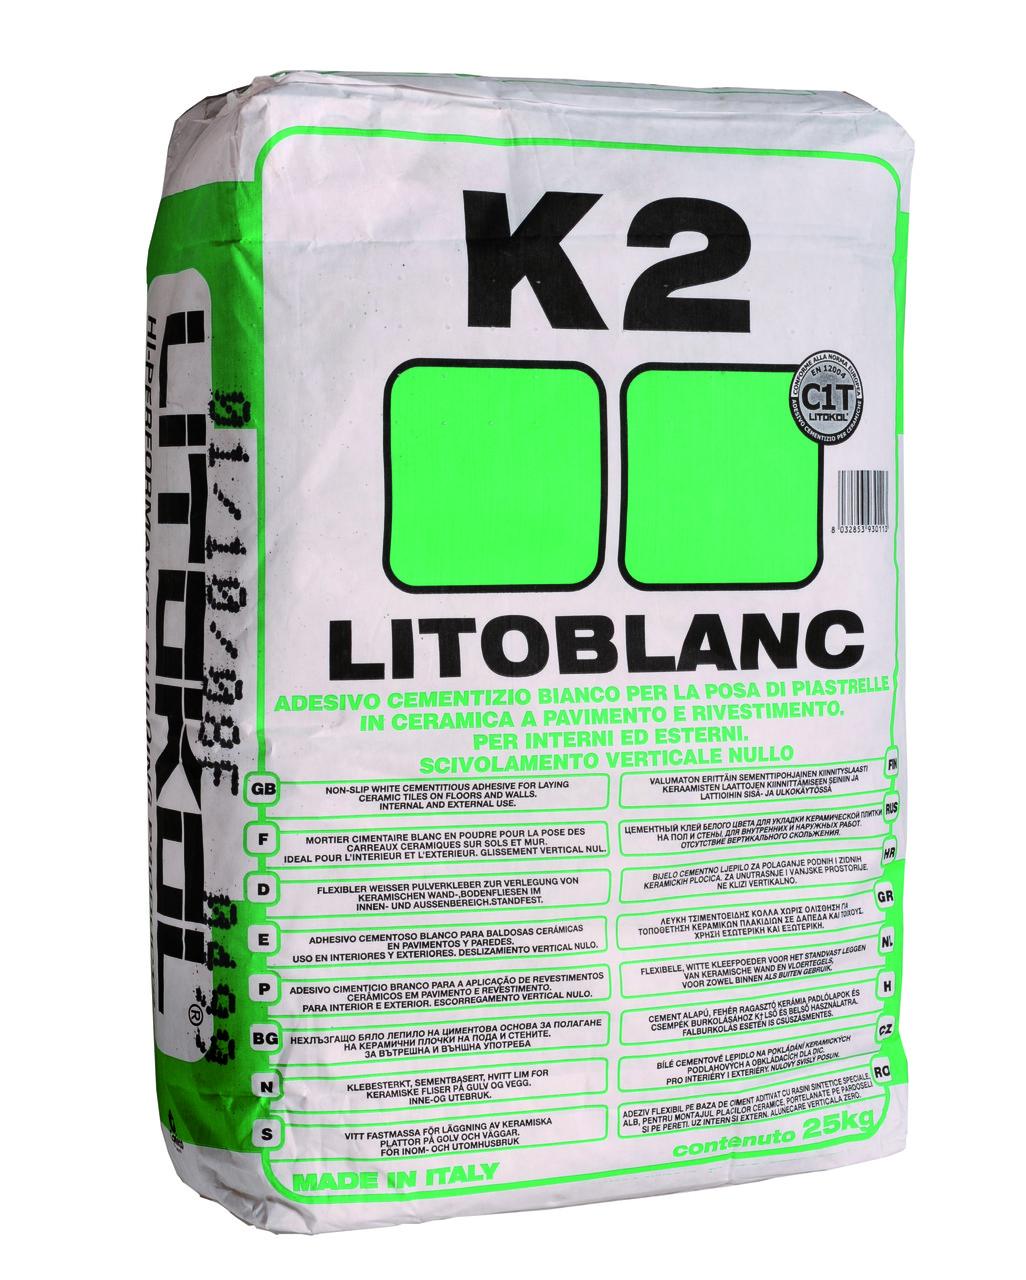 Клей для мозаики Litokol Litoblanc K2(литокол к2) 25 кг - BMQ строительный маркет  в Киеве